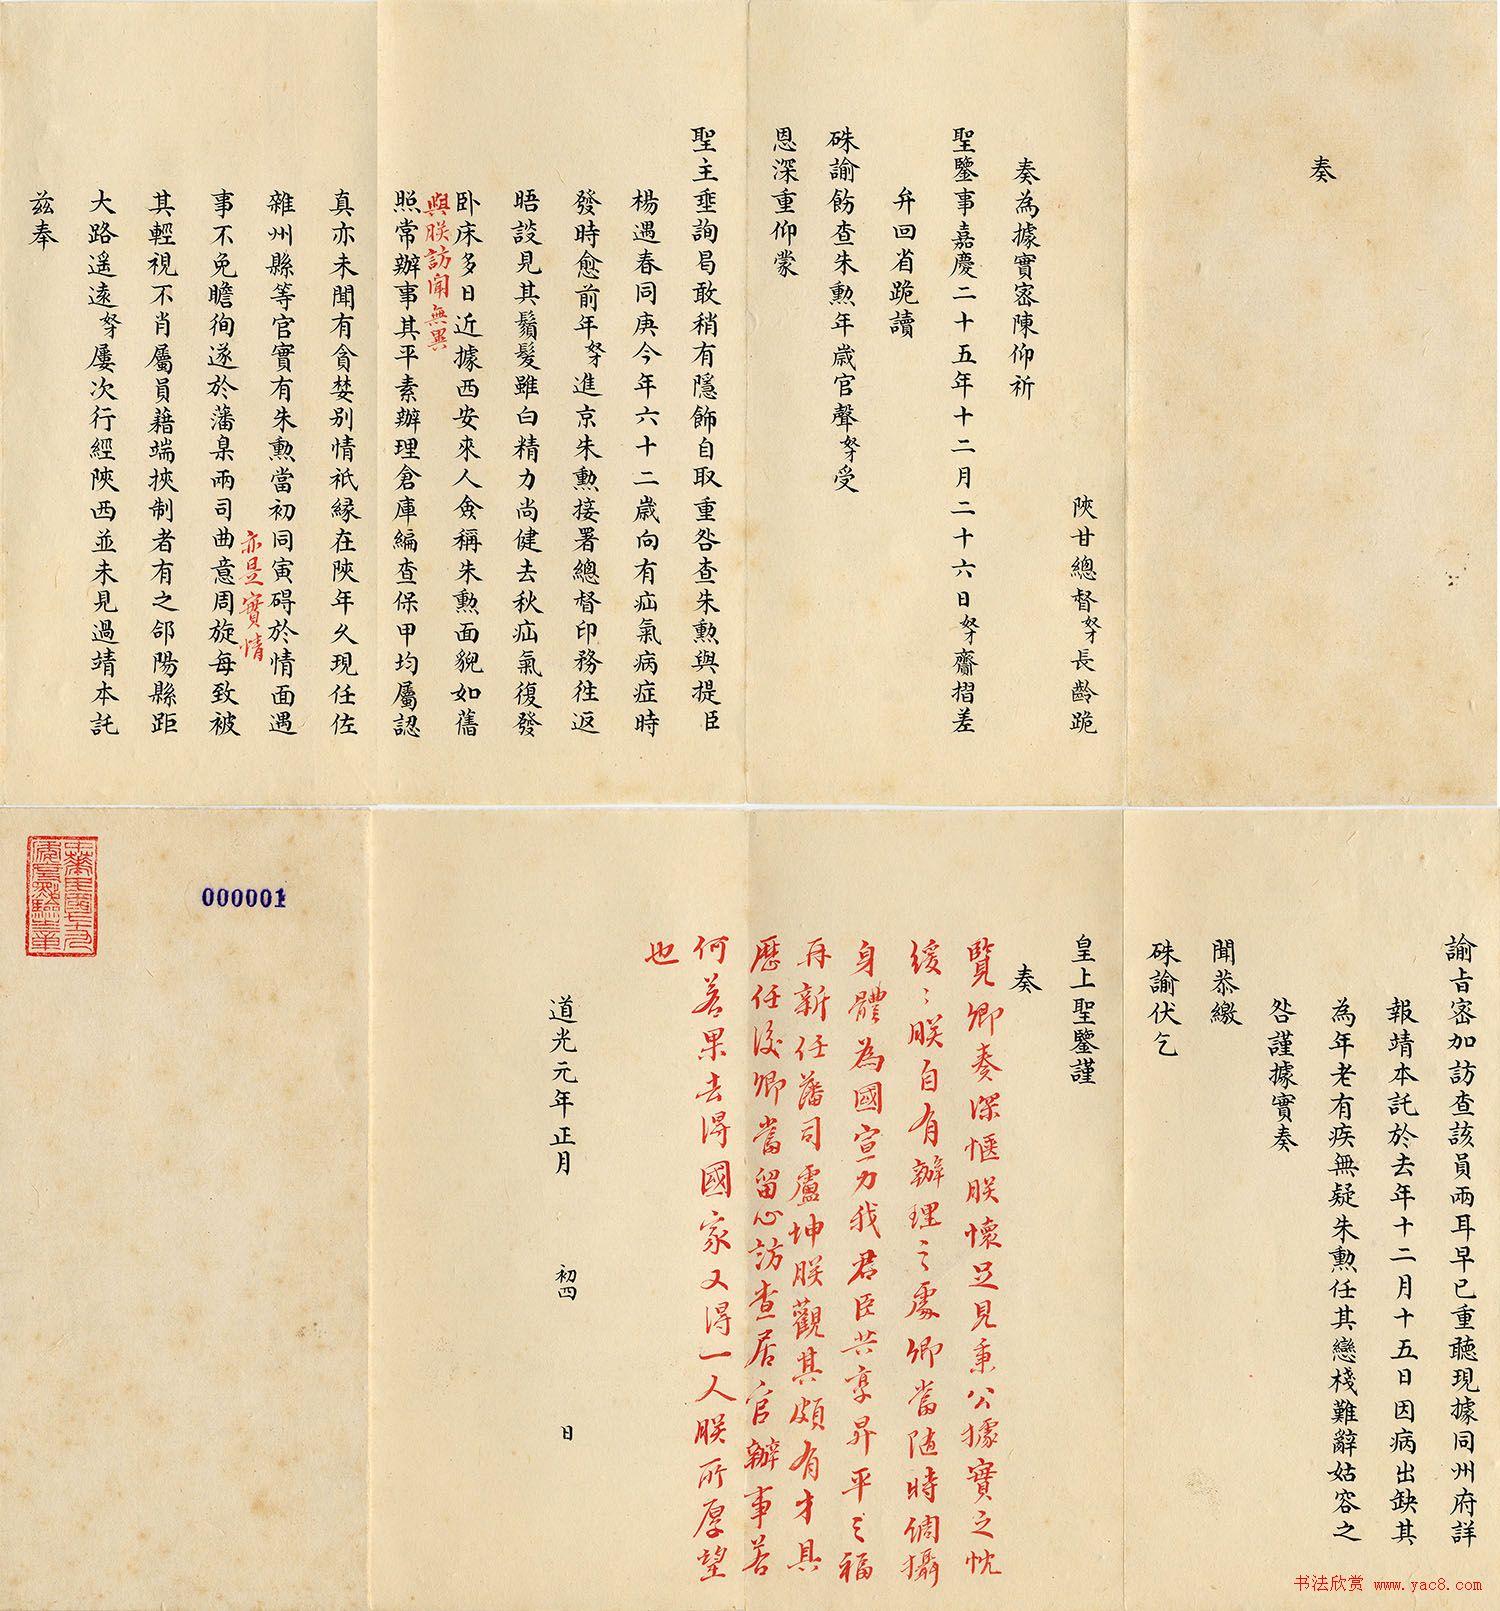 道光皇帝行书朱批《陕甘总督长龄奏折》